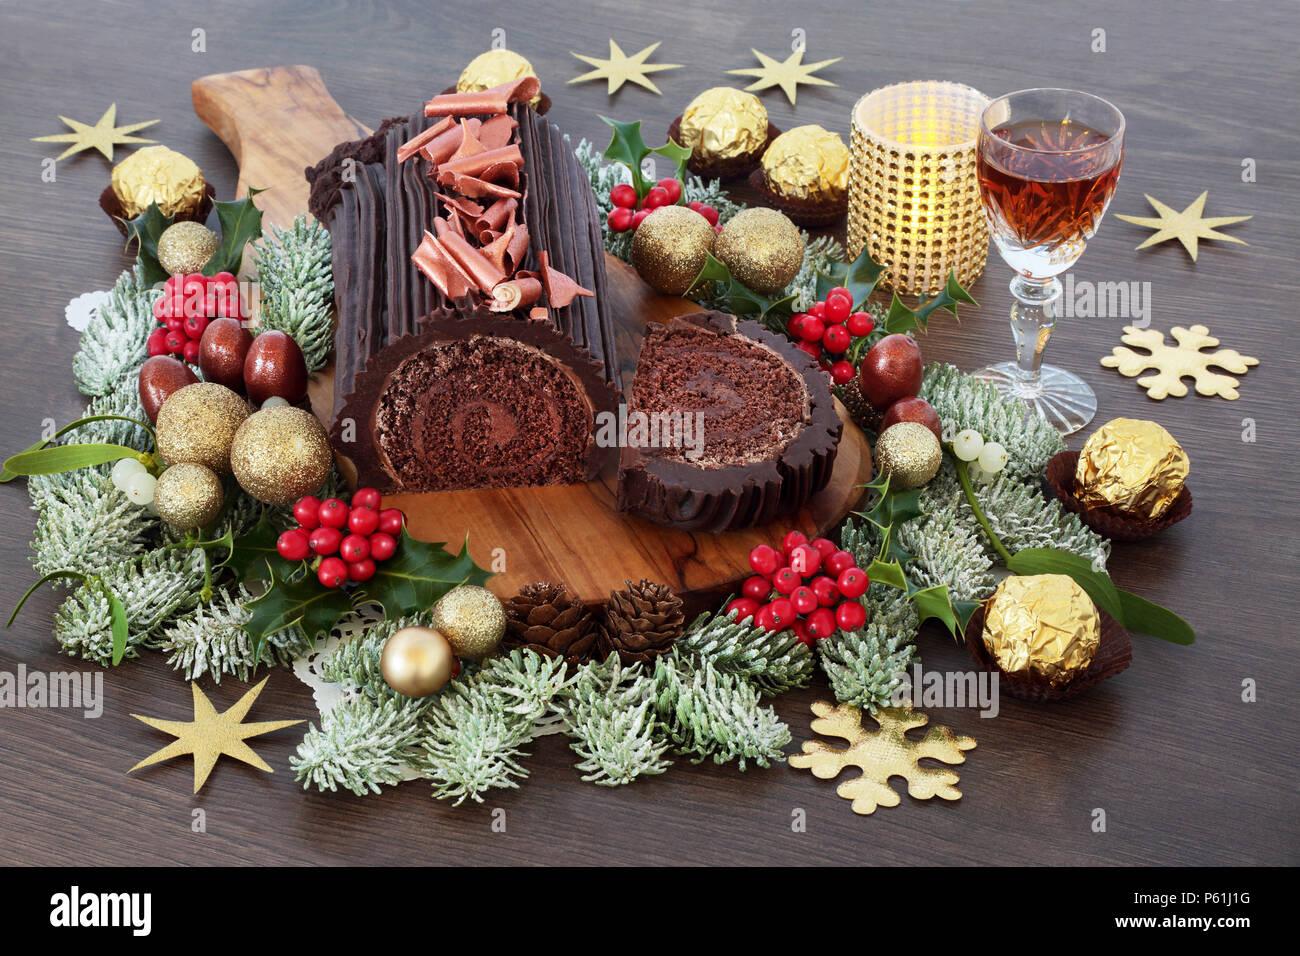 Buche Au Chocolat Gateau De Noel Avec Sherry Flore D Hiver Des